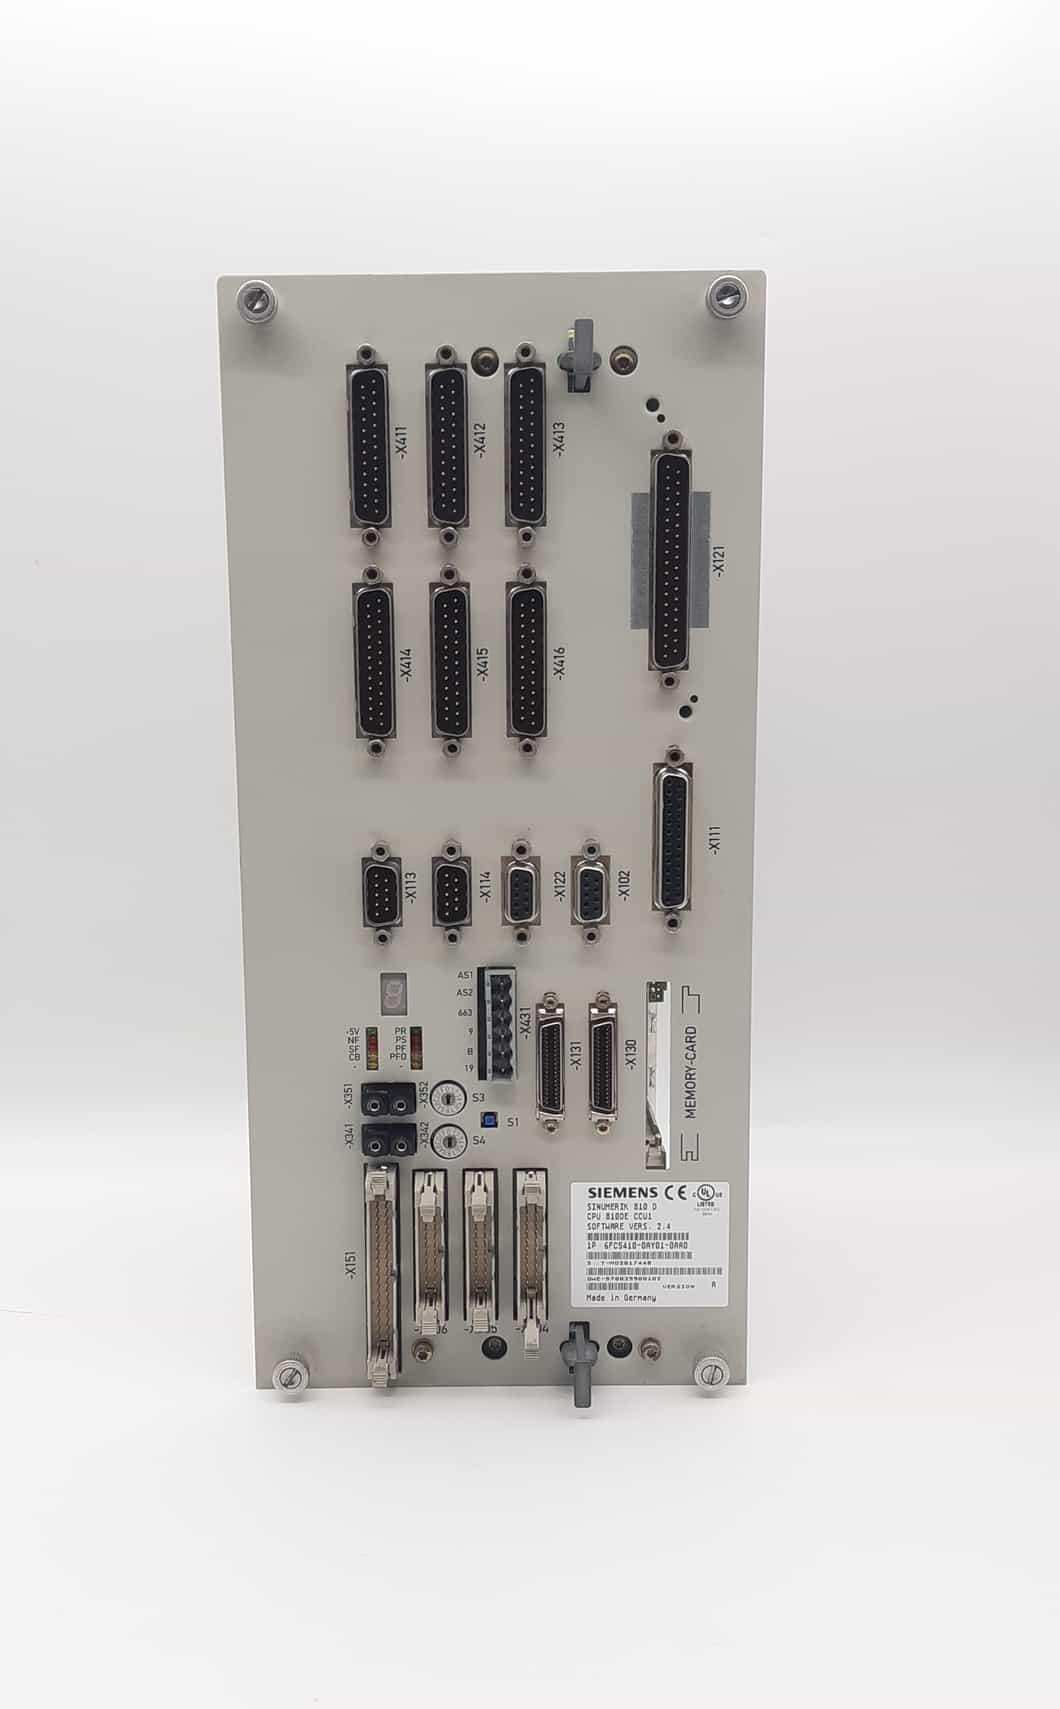 6FC5410-0AY01-0AA0 CC1 V2.4 | CPU SINUMERIK | SIEMENS